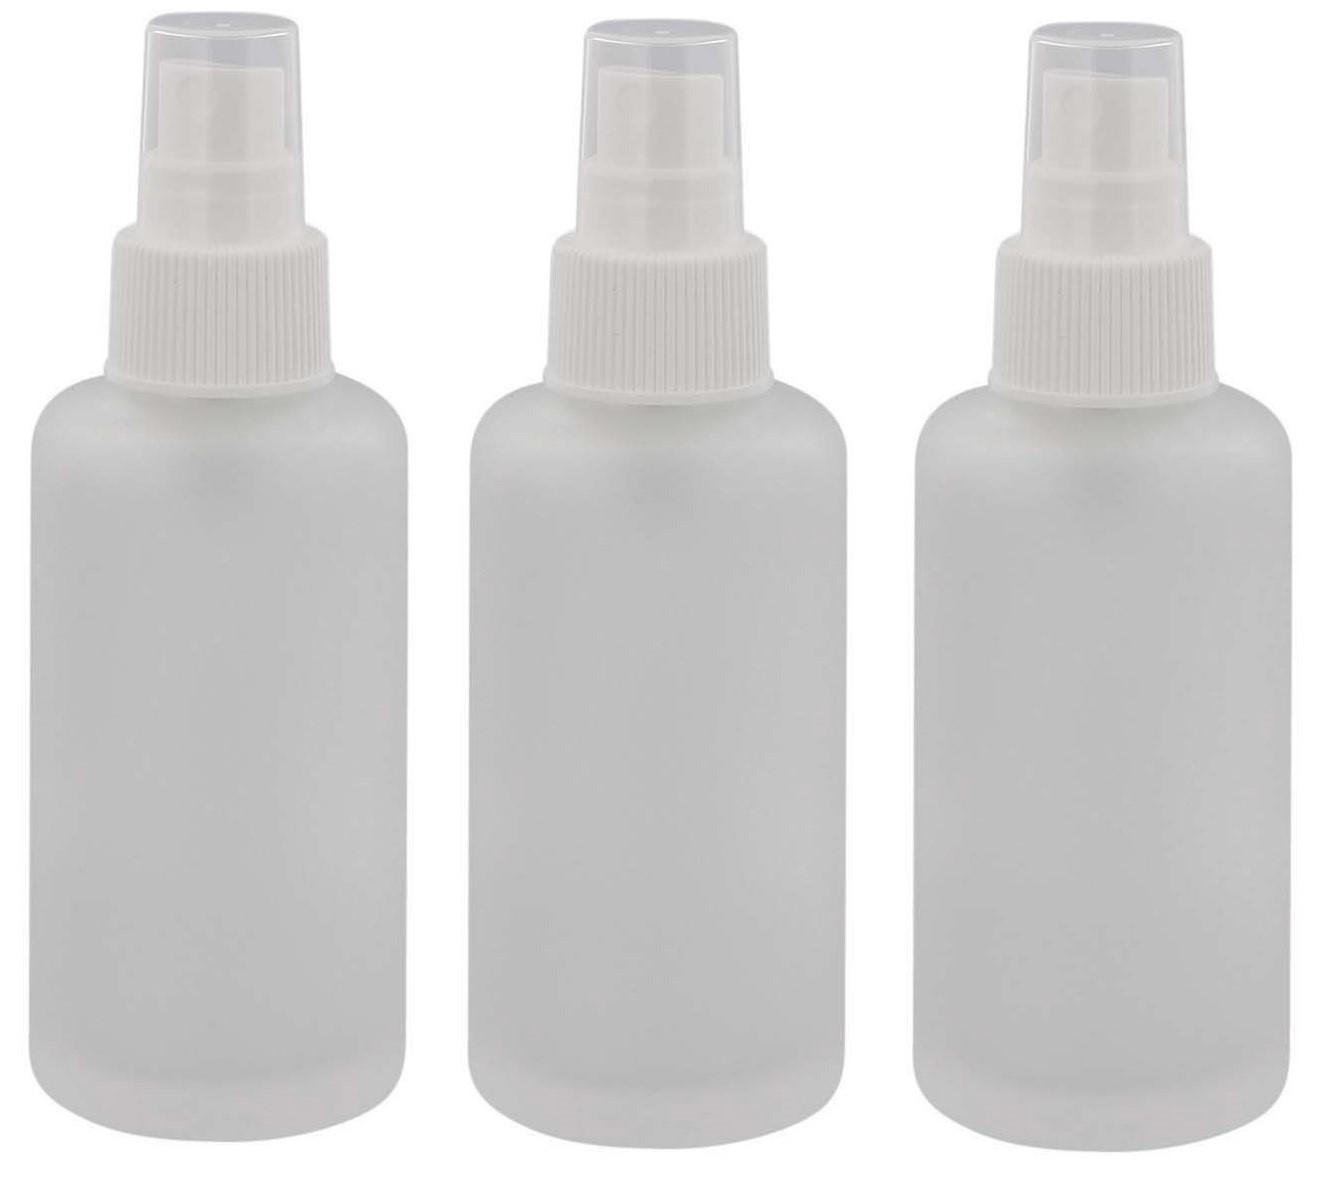 Mattglas, Zerstäuber-Flasche, m. weißem Pumpzerstäuber Kosmetex Glas-Flasche, Flakon, leer